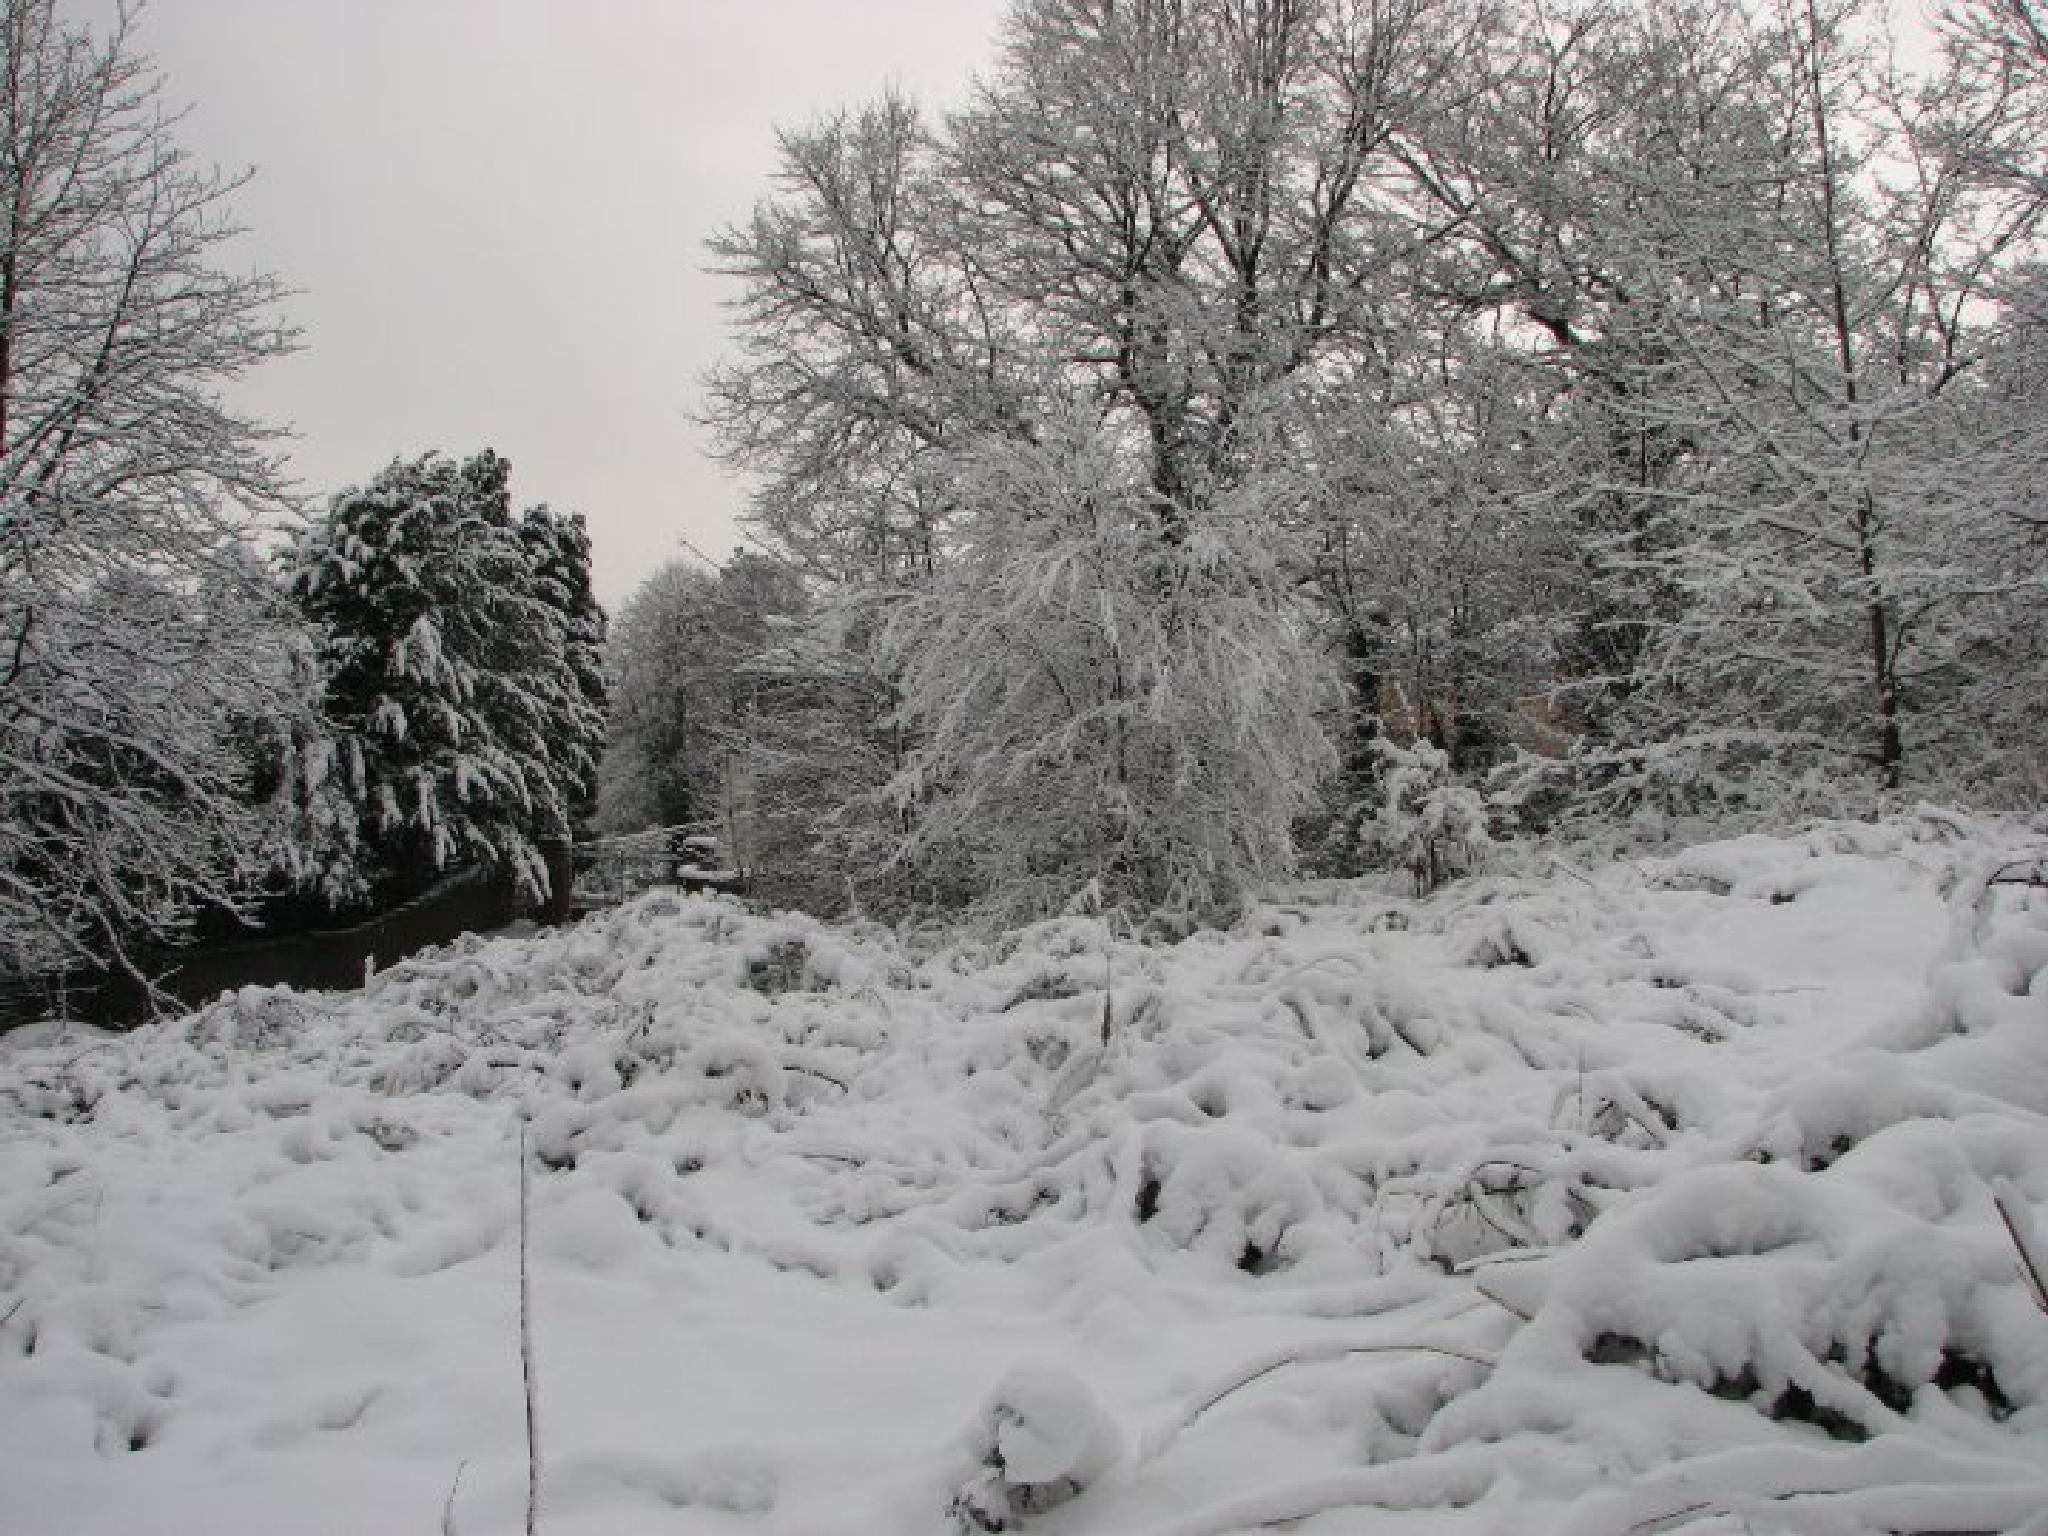 snowy scene, by nigel.seldon.1